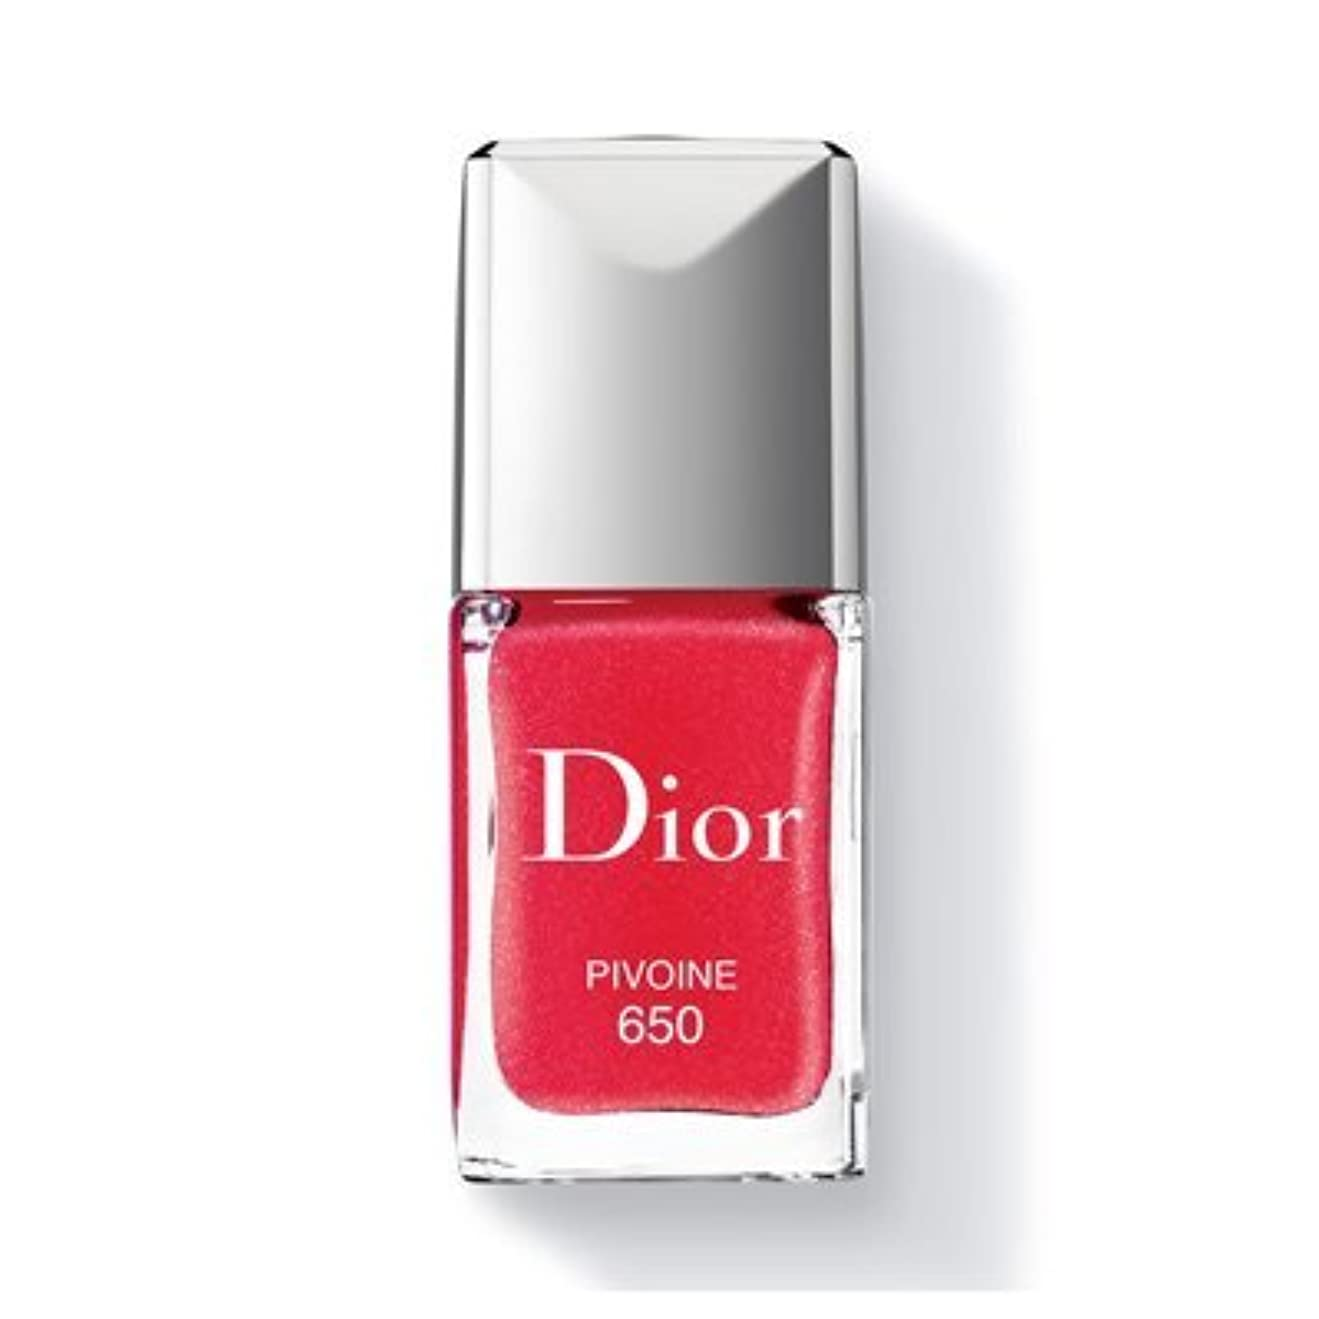 兄弟愛記憶に残るベルベットChristian Dior クリスチャン ディオール ディオール ヴェルニ #650 PIVOINE 10ml [並行輸入品]